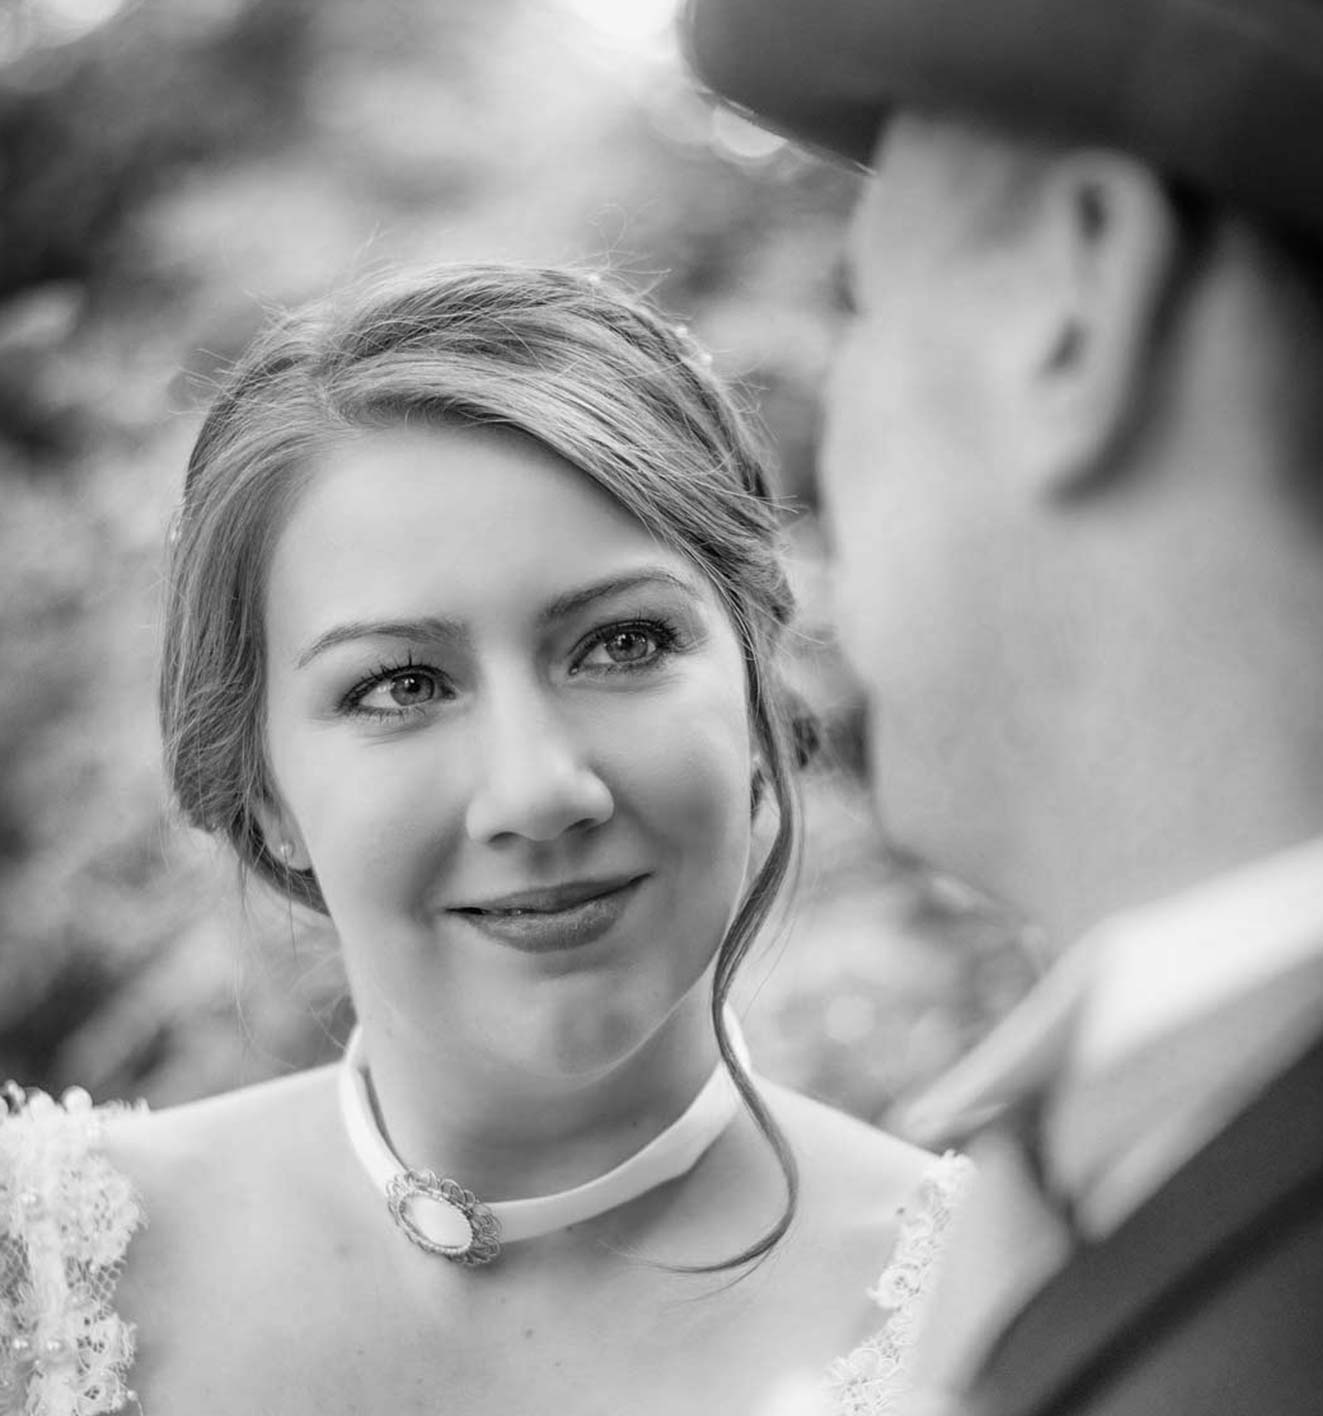 True-Creative-Agency-Hochzeitsfotografie-8-1